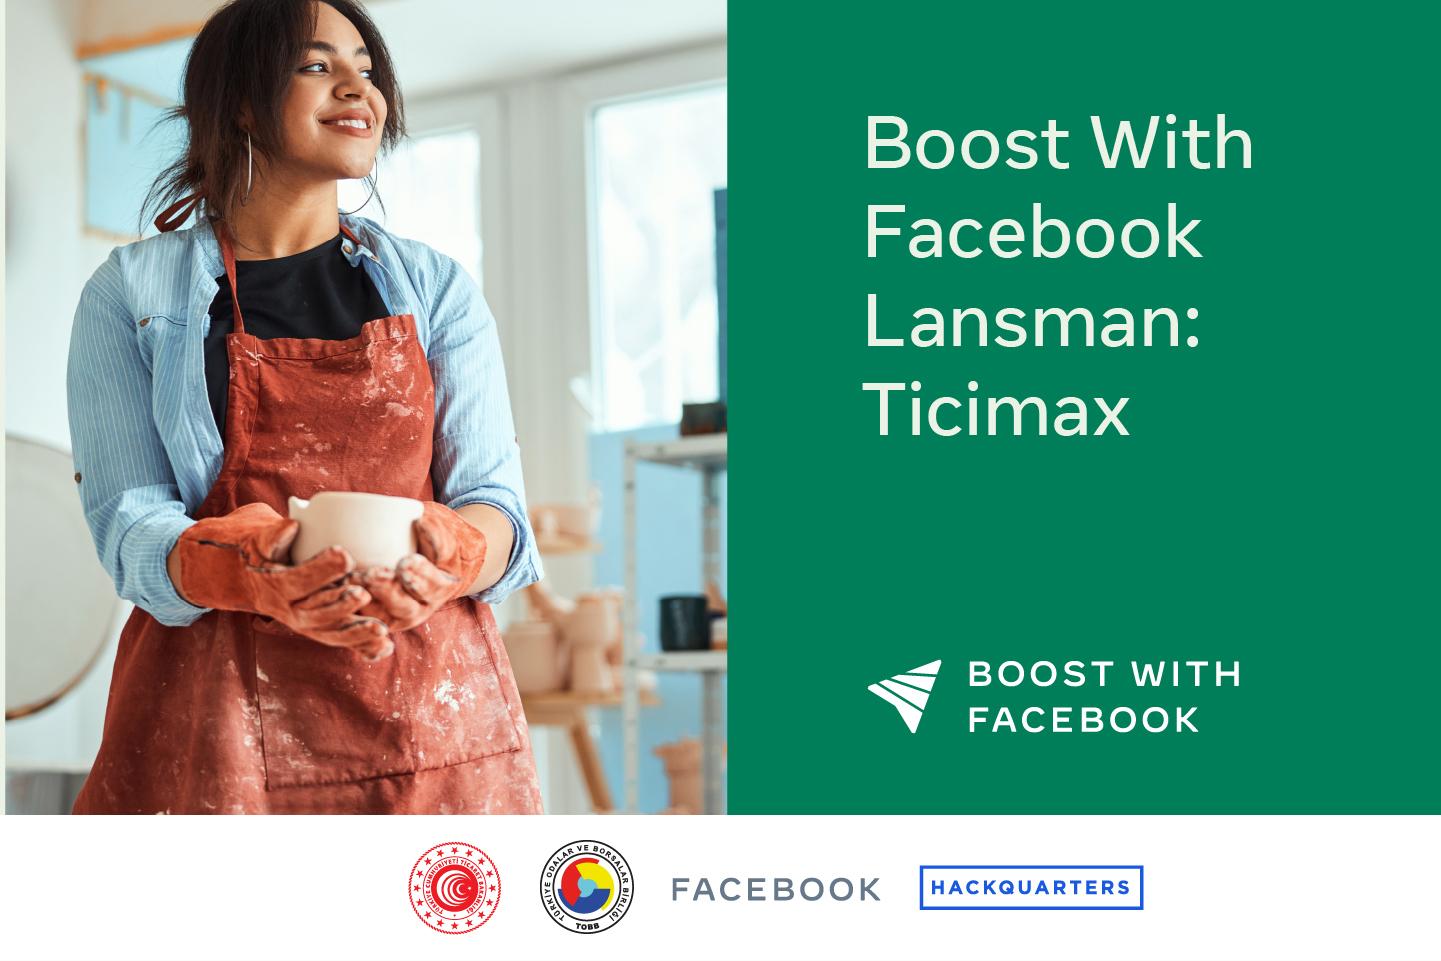 Boost with Facebook lansmanı kapsamında partnerimiz Ticimax'in katılımlarıyla gerçekleşti!